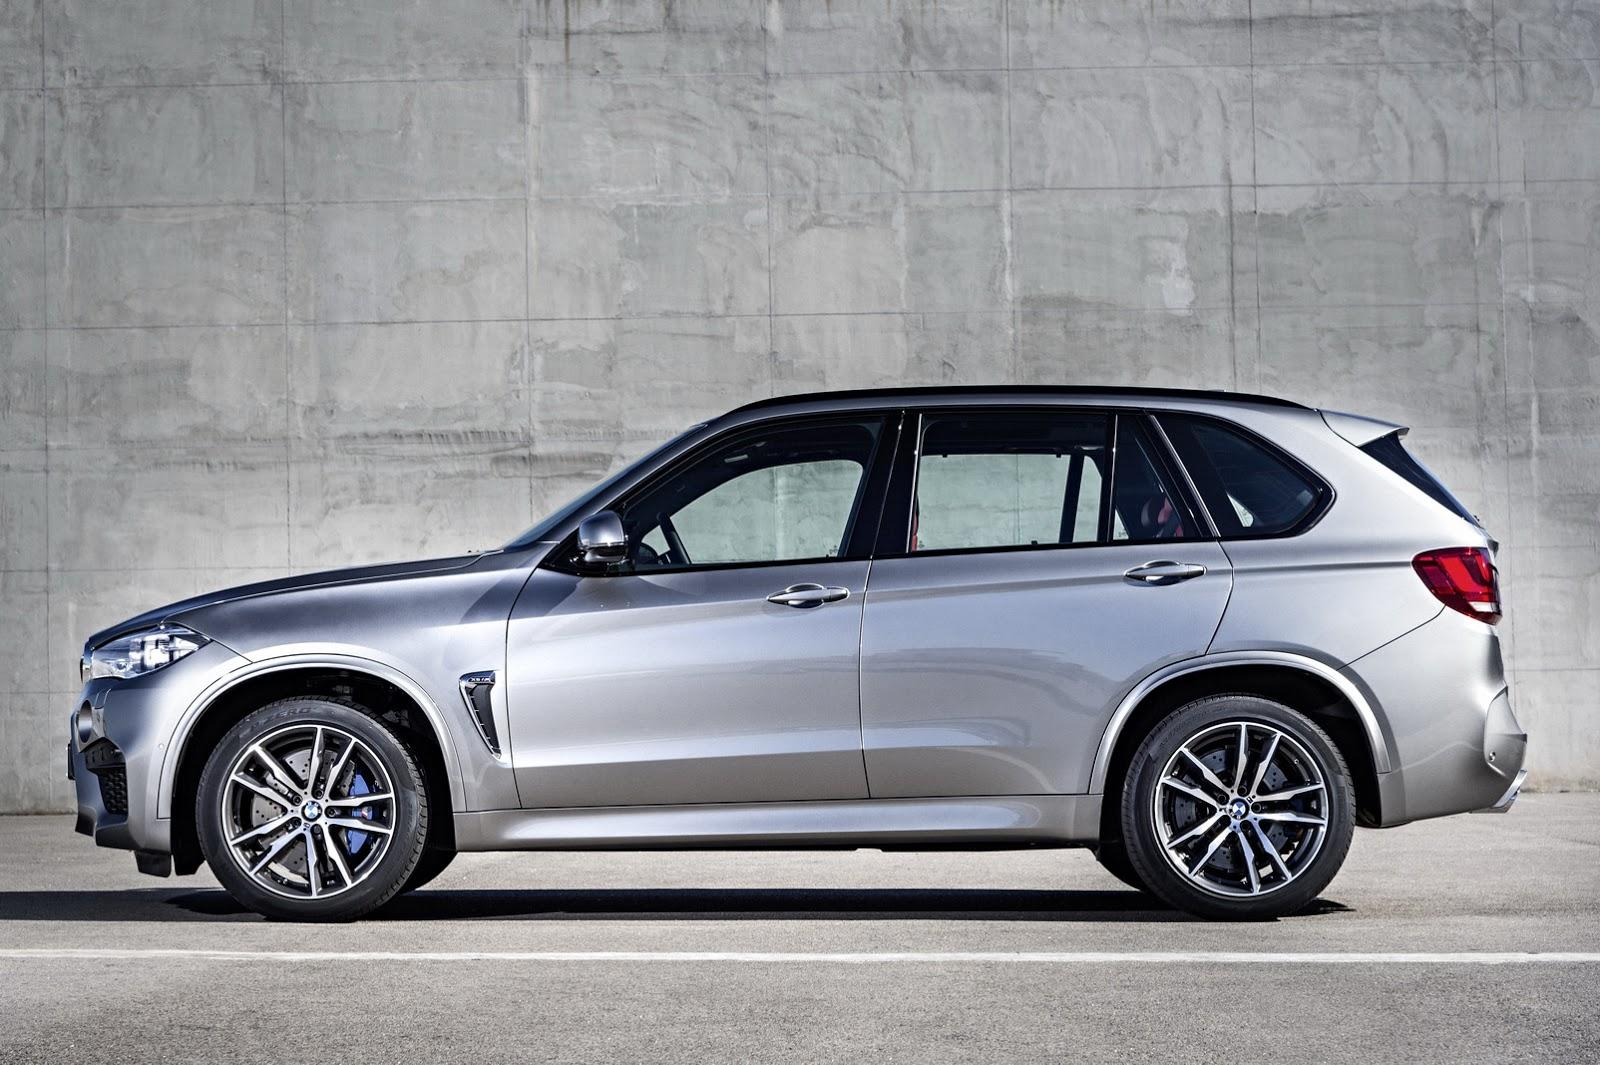 Ngoại thất thể thao đặc trưng của BMW X5M 2015